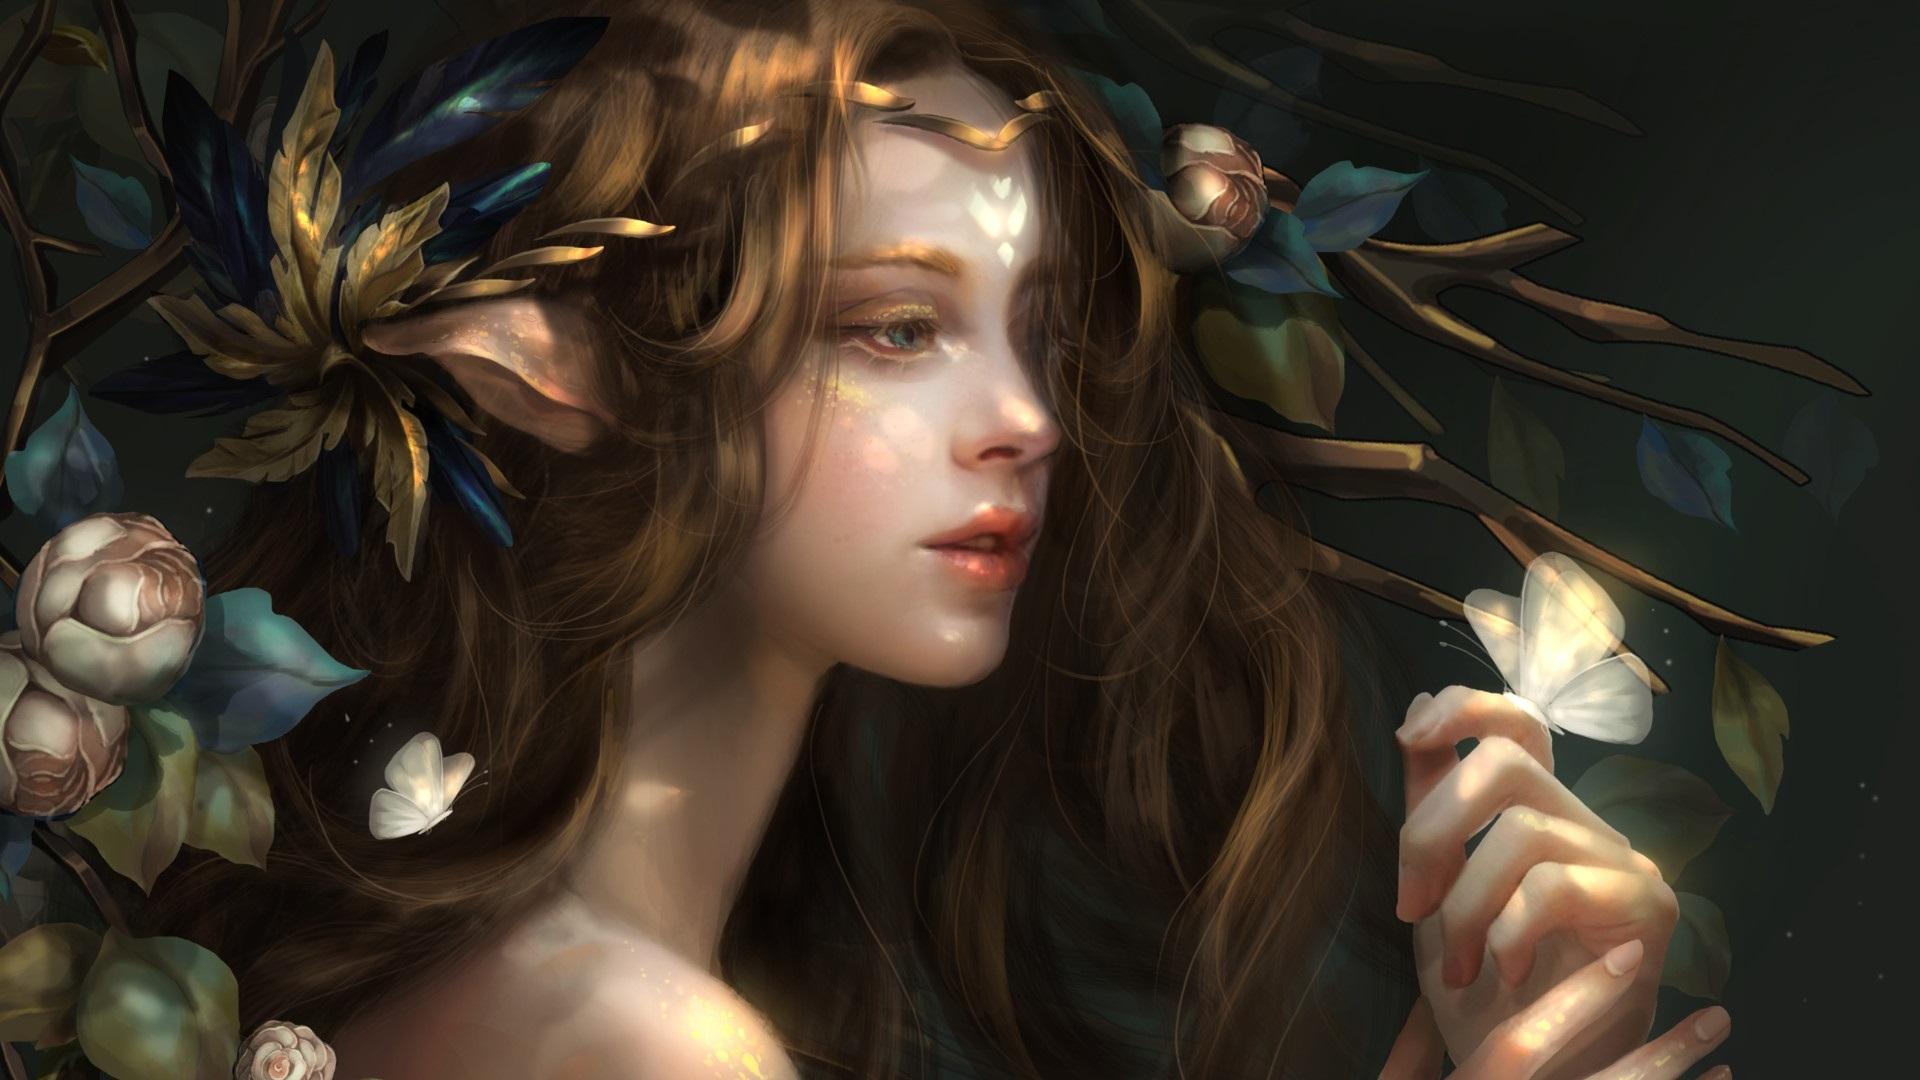 Wallpaper Fantasy Girl Flowers Butterfly 1920x1200 Hd